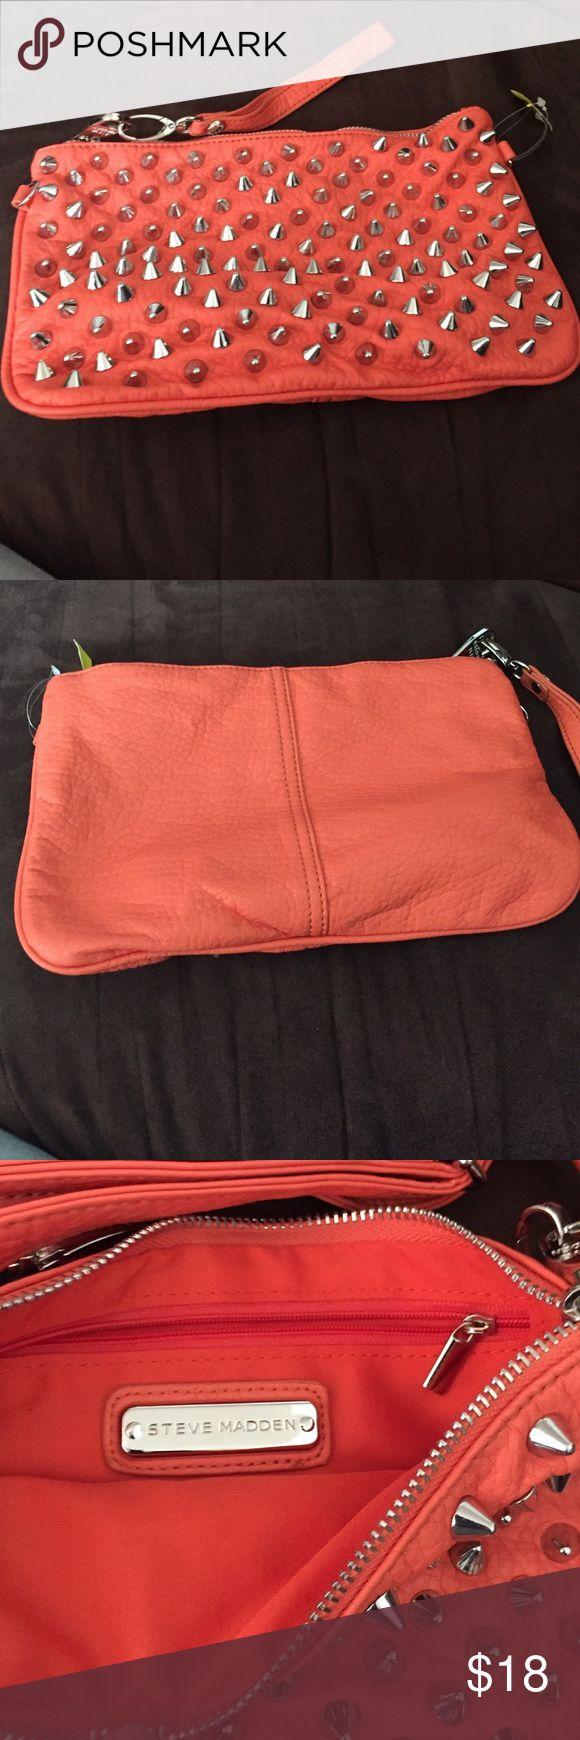 Steve Madden orange clutch/ shoulder bag. Steve Madden orange clutch. Has strap which makes this bag versatile. Can be used as a shoulder bag or cross body bag. Steve Madden Bags Crossbody Bags